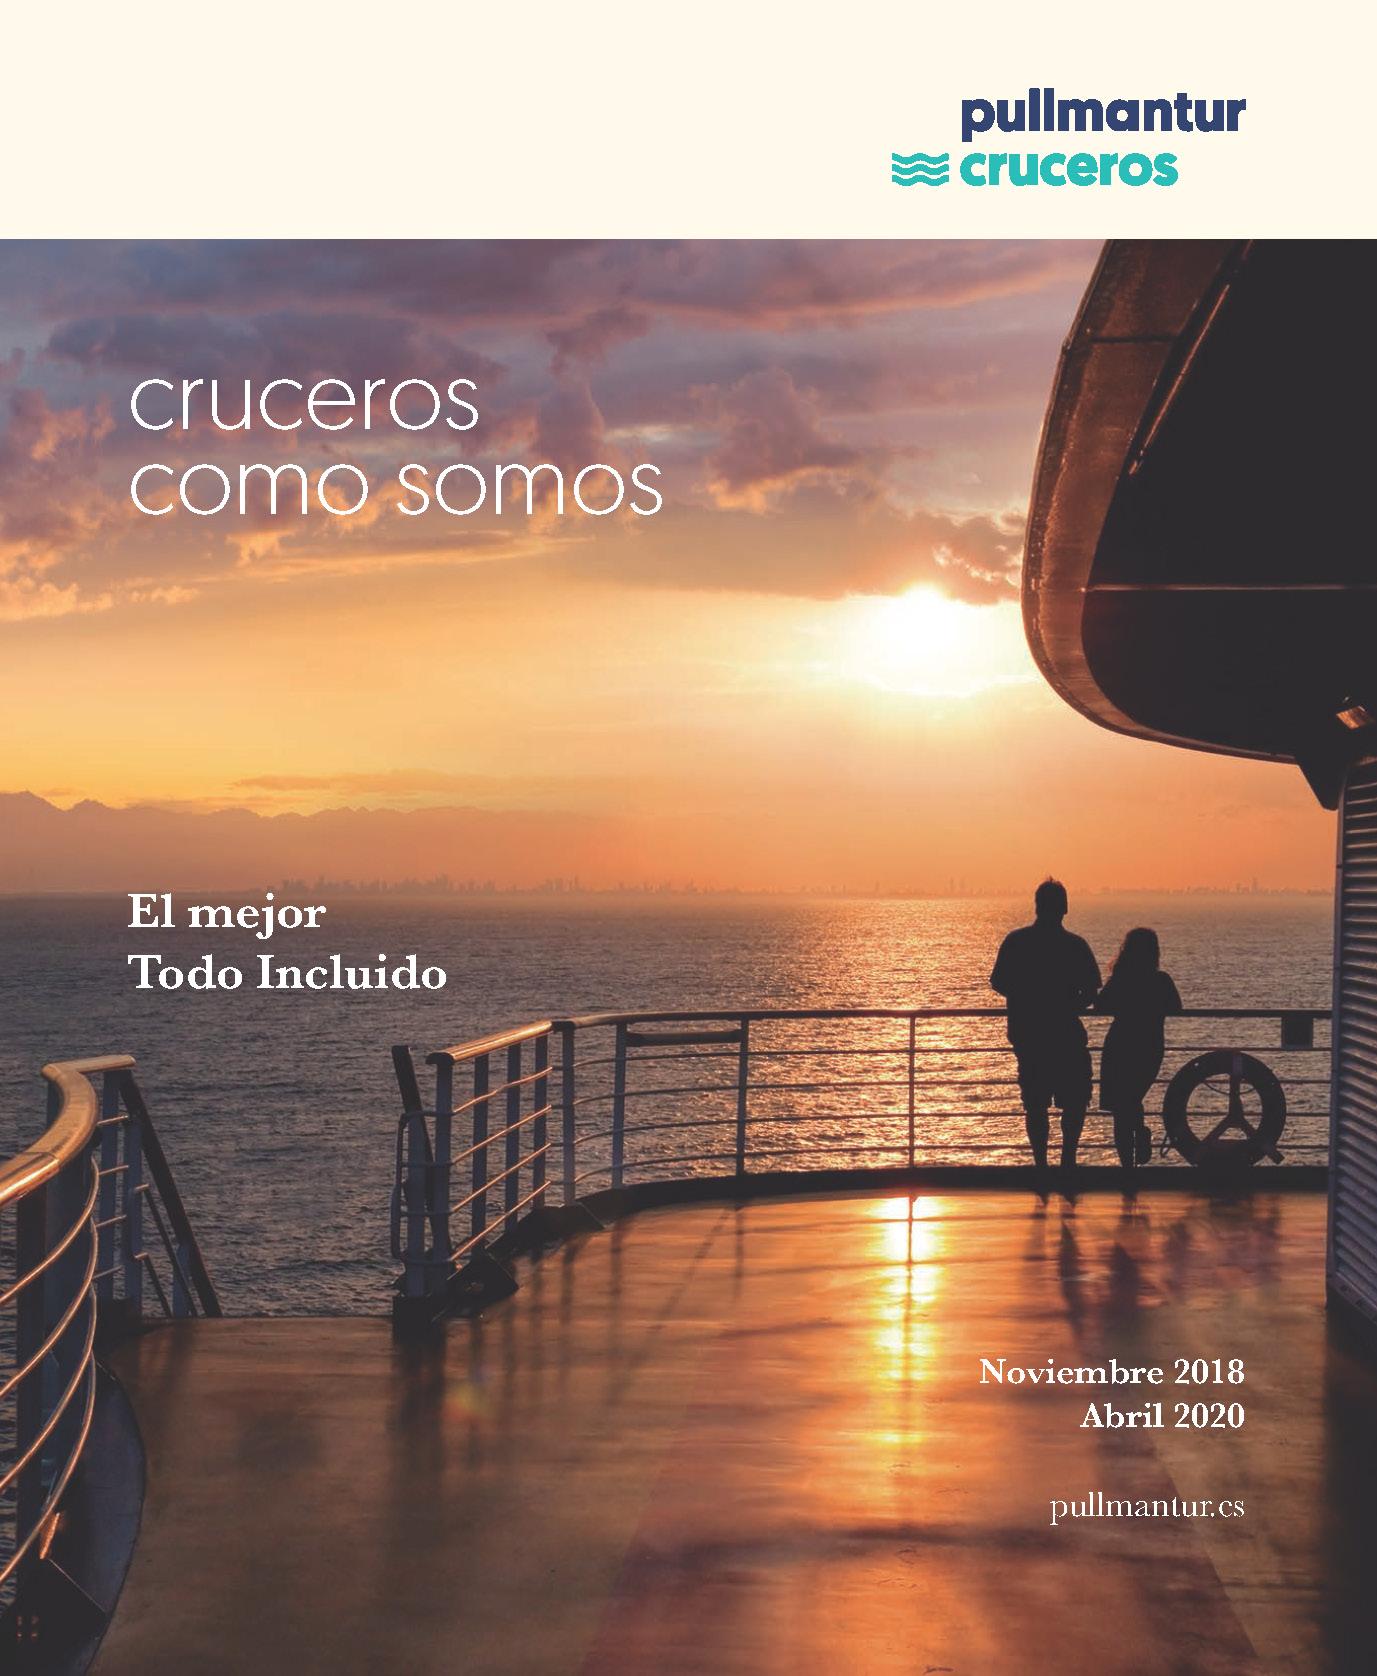 Catalogo Pullmantur Cruceros 2018-2020